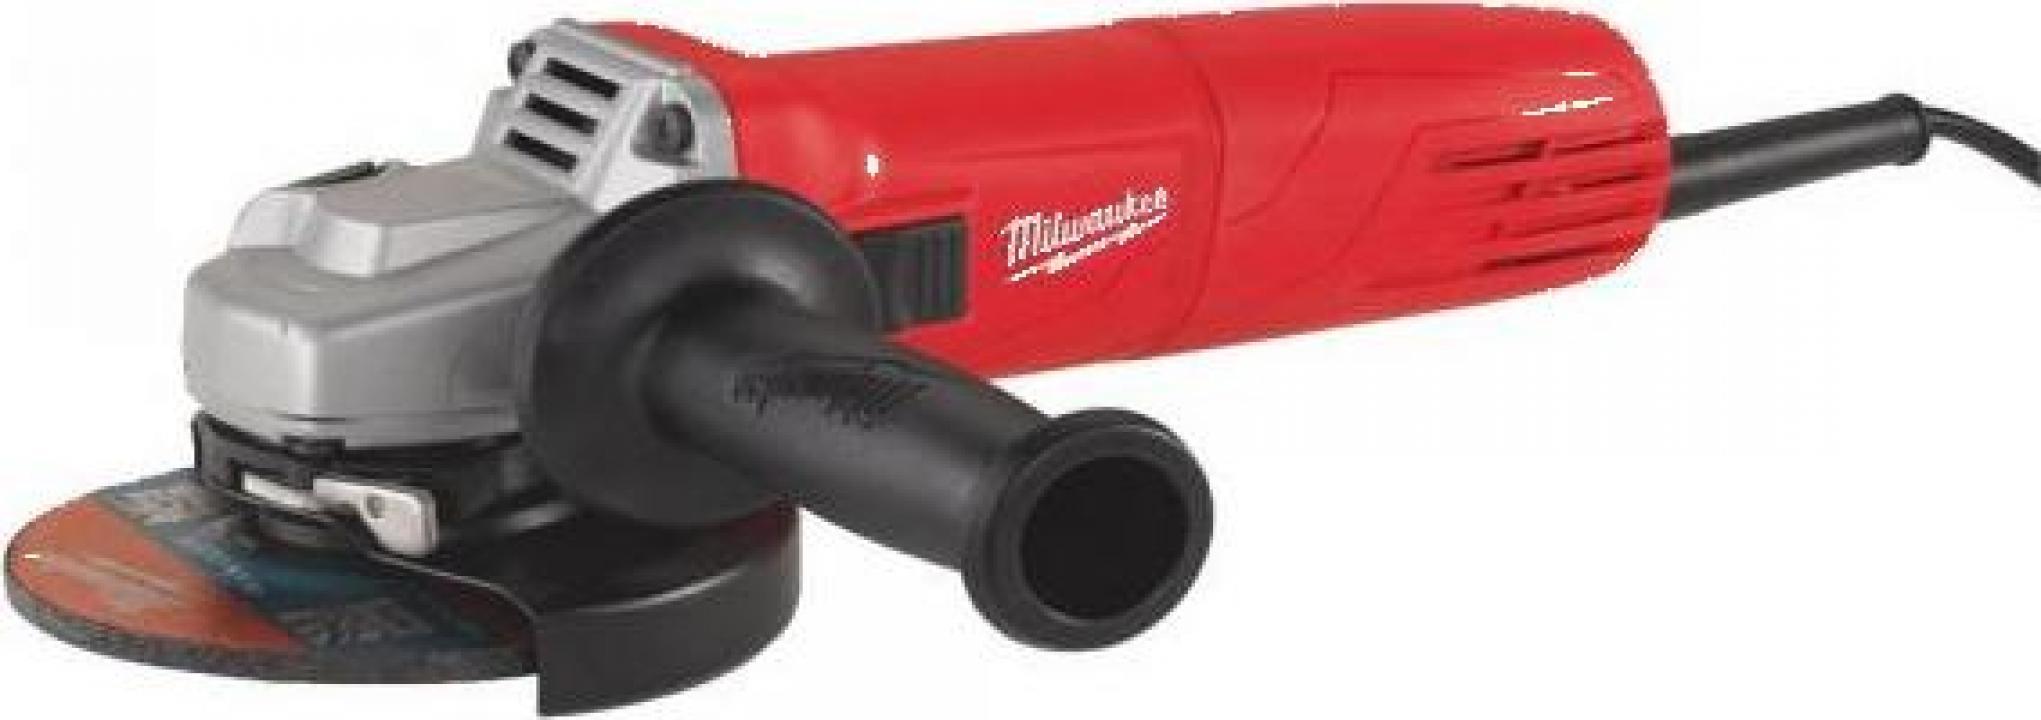 Polizor unghiular Milwaukee AG 10-125 EK, 1000 W, 125 mm